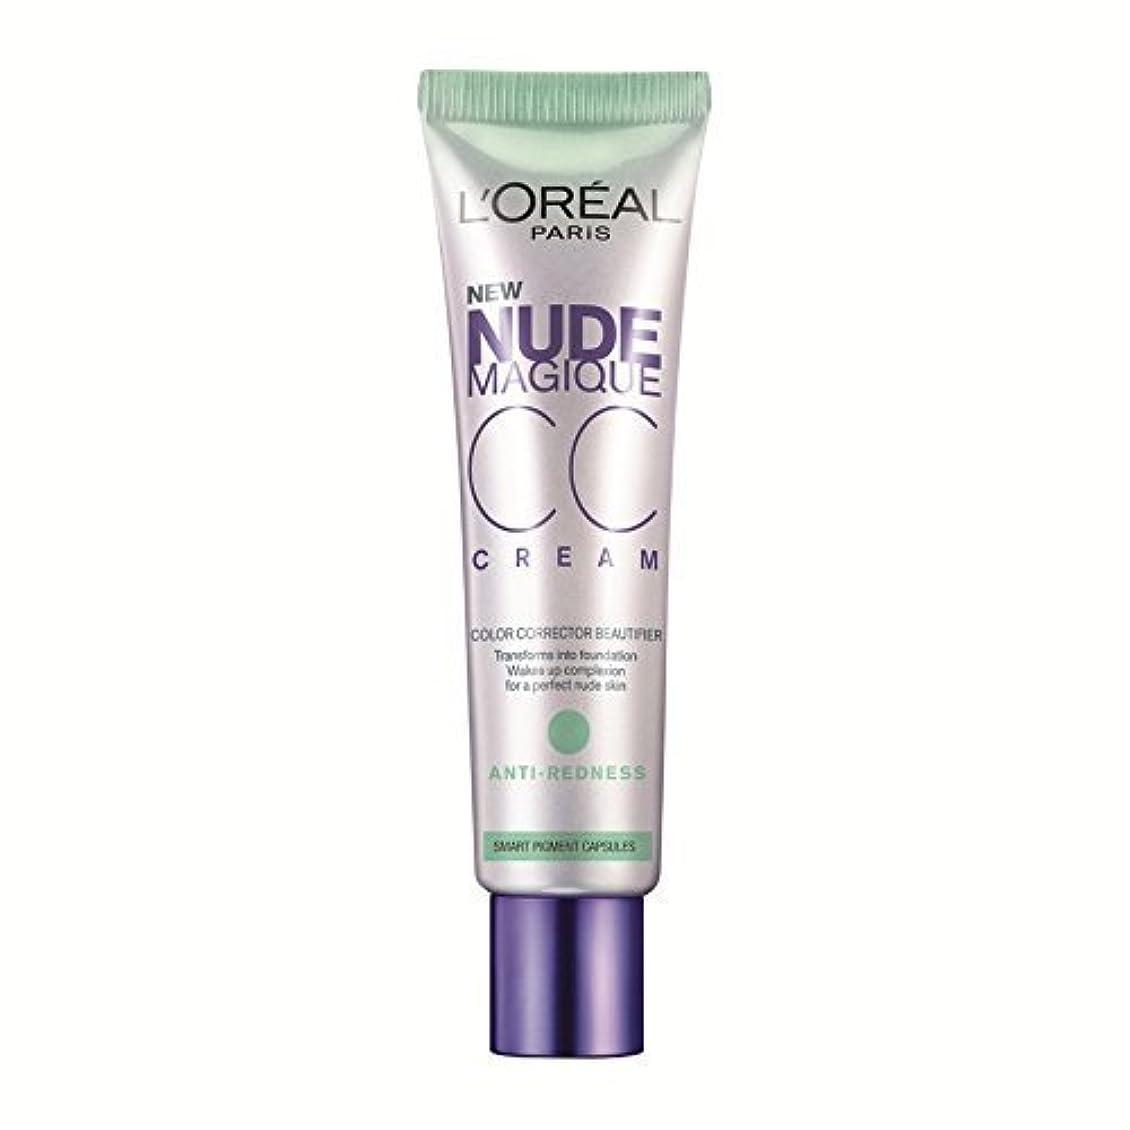 崖結婚昨日L'Or?al Paris Nude Magique CC Cream, Anti-Redness 30 ml by L'Or?al Paris (English Manual)